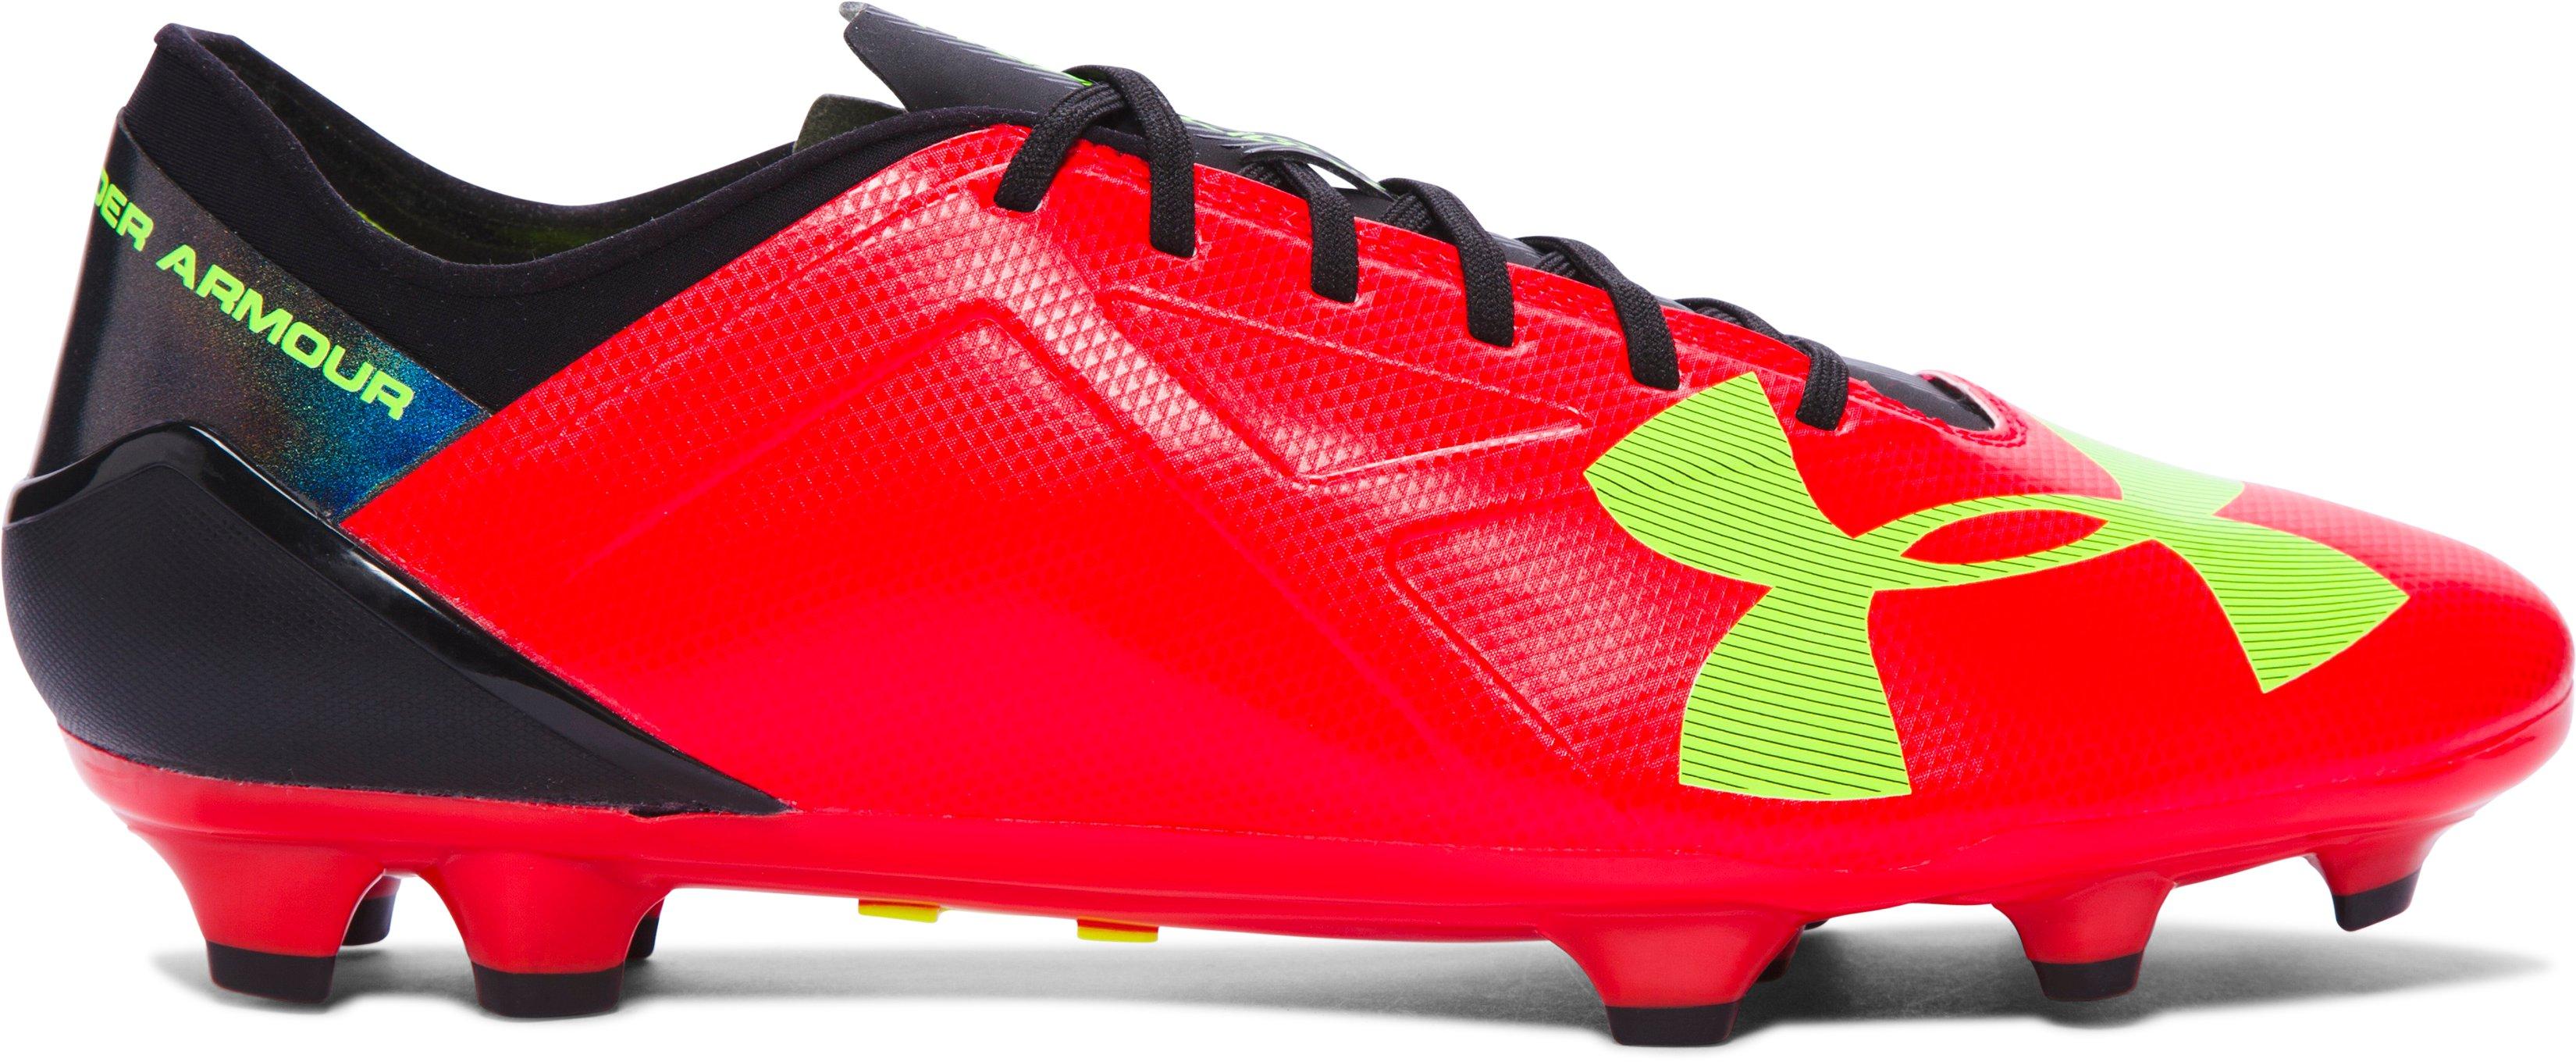 Zapatos de Futbol UA Spotlight BL FG para Hombre, 360 degree view